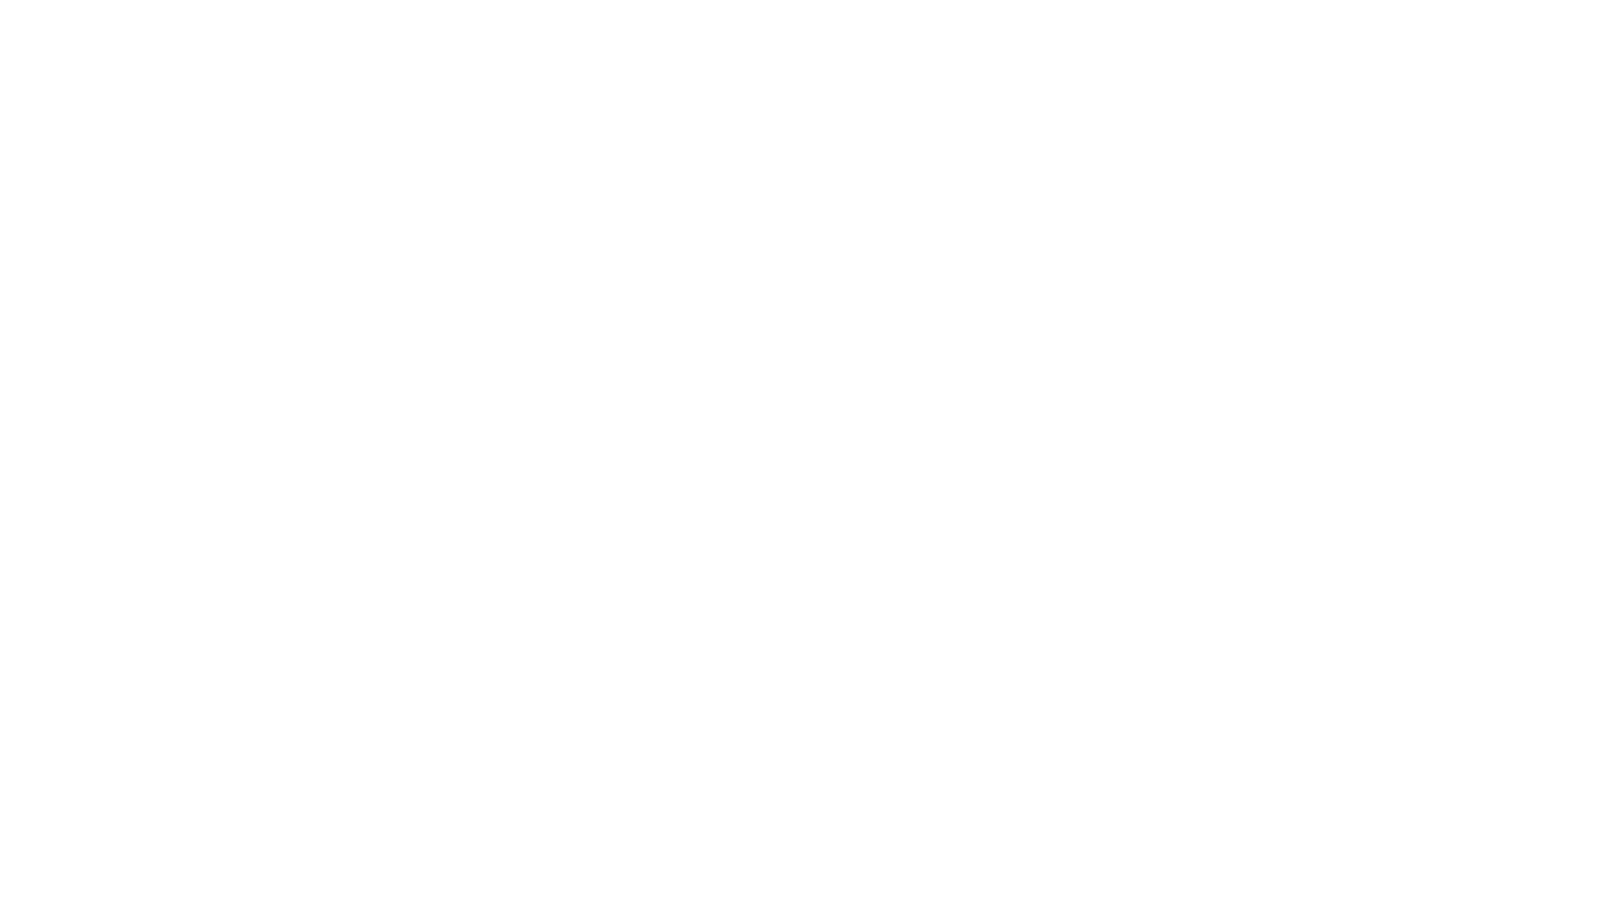 Auf der Isle of Arran liegt die Lochranza Distillery. Kennt ihr nicht? Der Name ist auch ganz neu. 2020 hat man die Arran Distillery umbenannt. Jetzt heißt sie Lochranza und brennt den unpeated Spirit der Arran Distillery. In der benachbarten Lagg Distillery wird peated Spirit gebrannt. Auch diese Brennerei gehört den Isle of Arran Distillers. Um Verwechselungen auszuschließen und Verwirrung zu vermeiden hat man die Brennerei also umbenannt. Als der Whisky gebrannt wurde, den wir heute trinken dürfen, hieß sie aber noch Arran Distillery und der Whisky selbst ist ebenso ein lumpenreiner Arran - gefinisht in einem Sauternes Cask. Und um Euch jetzt noch mehr zu verwirren haben wir nicht nur die Location sondern auch die Plätze gewechselt (nur vorübergehend). Nichts desto trotz wünschen wir Euch viel Spaß mit dem Video.  ...dies ist ein Verkostungsvideo von Whisky Plausch. Detlef und Jonas probieren regelmäßig vor der Kamera Whiskys. Ganz wichtig dabei ist, dass es sich dabei immer um unsere subjektive und unabhängige Wahrnehmung bzw. Meinung handelt. Was uns, oder vielleicht auch mal nur einem von uns schmeckt muss nicht zwangsläufig auch anderen schmecken und/oder gefallen. Genau so ist es auch andersrum, wenn uns etwas nicht schmeckt, kann und darf es Euch natürlich trotzdem schmecken. Wir stehen in keiner Verbindung zu Unternehmen, es handelt sich stets um unbezahlte Werbung und nicht um Produktplatzierungen. Wir wünschen Ihnen und Euch viel Spaß bei unseren Videos. Über Abonnements sowie Kommentare freuen wir uns immer sehr. In diesem Sinne: slainte mhath und Glück Auf! 🥃  Du möchtest selbst probieren? Dann komm in unsere Flaschenteilungsgruppe auf Whatsapp, ganz einfach über diesen Link: https://chat.whatsapp.com/G4J9WKXqDbF8NhDYtkgtxV  Facebook: https://www.facebook.com/whiskyplausch Instagram: https://www.instagram.com/whiskyplausch  Whiksy Plausch Merchandise: https://www.redbubble.com/de/shop/?query=whisky%20plausch  Websites ➤ https://www.ihaveadram.de (Jonas